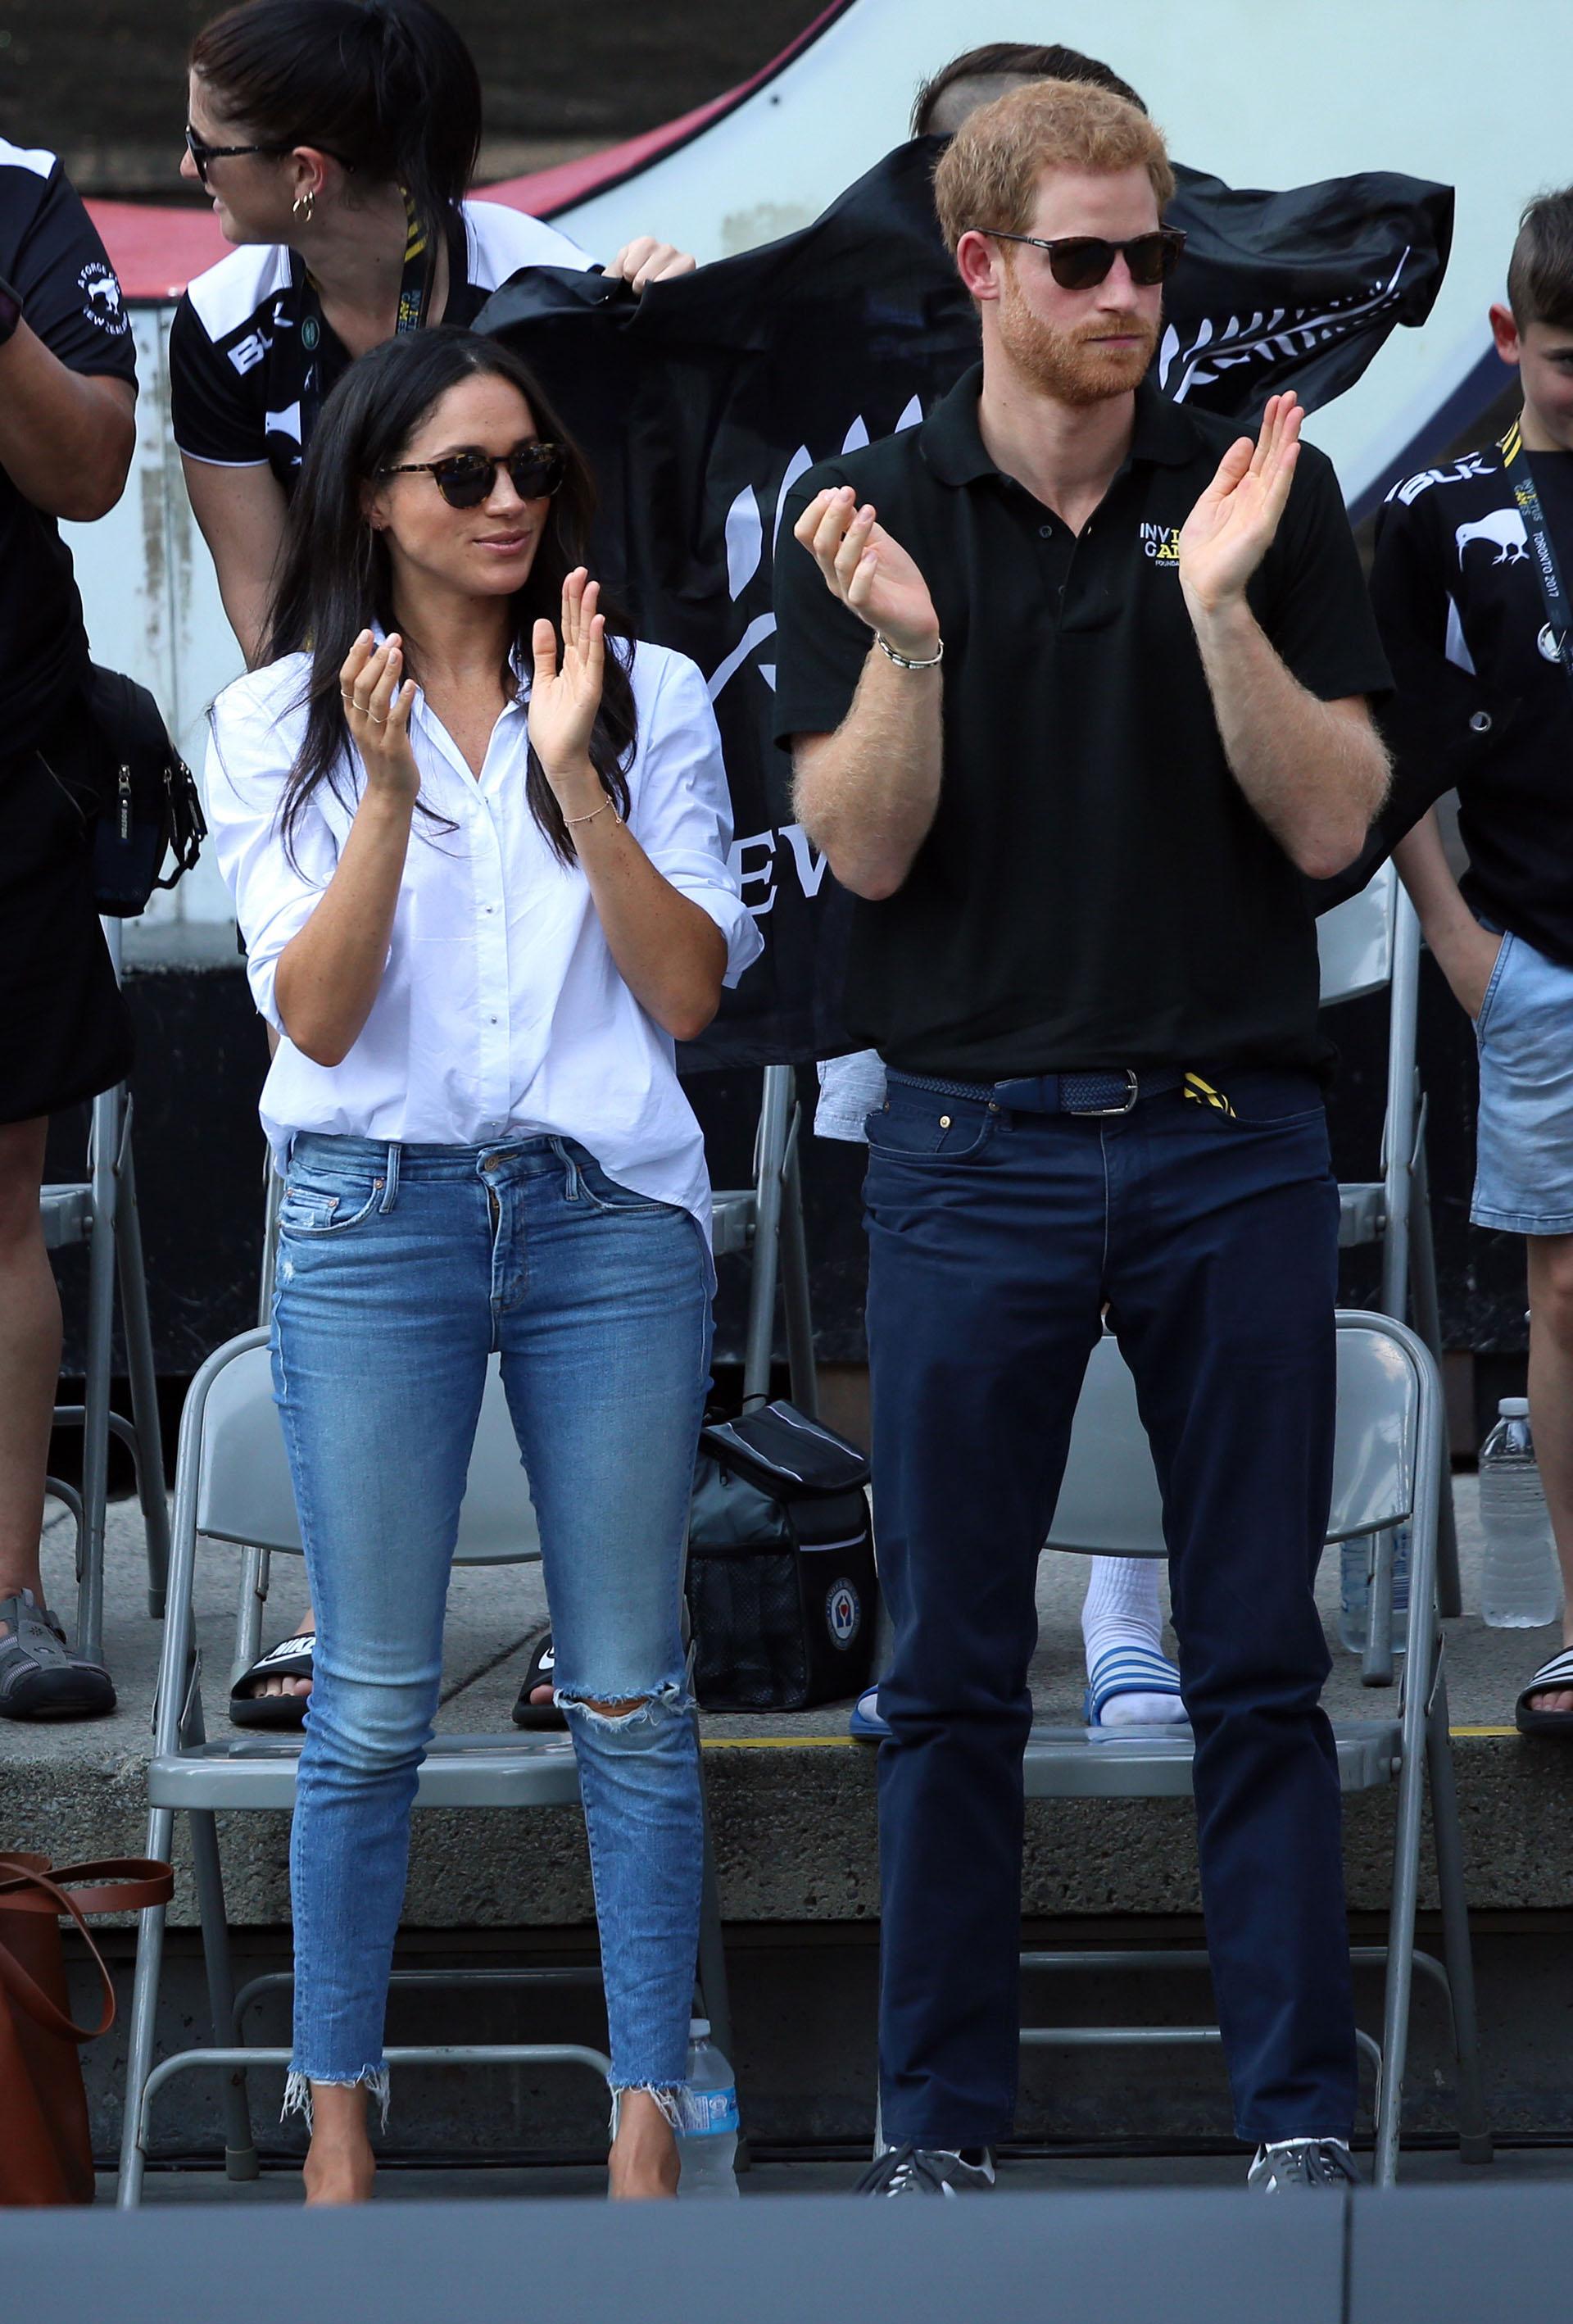 Casi tan pronto como el príncipe Harry y Meghan Markle comenzaron a salir, Meghan empezó a hacer grandes cambios en su vestuario. Si bien lució jeans rotos en sus primeras presentaciones públicas, de a poco fue abandonándolos